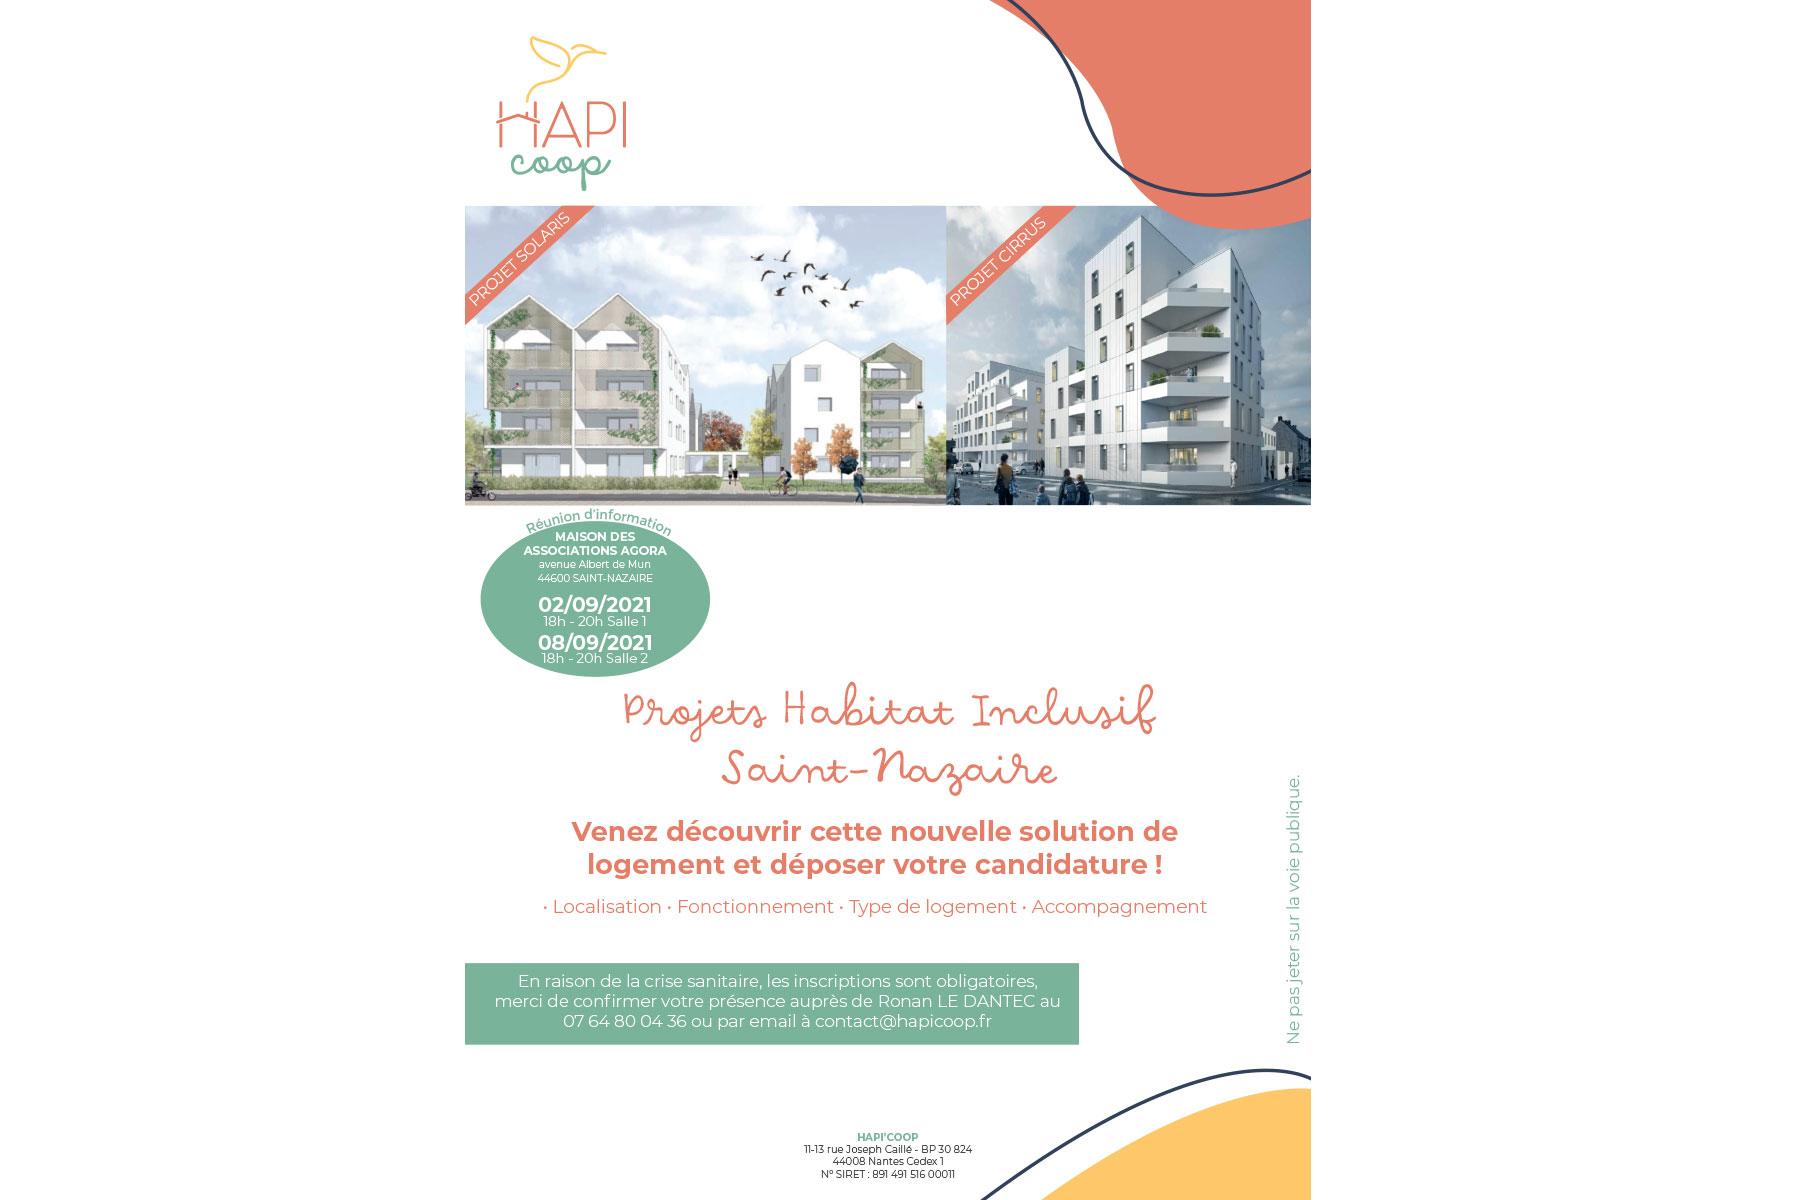 HAPI'COOP : découvrez l'Habitat Inclusif sur Saint-Nazaire !